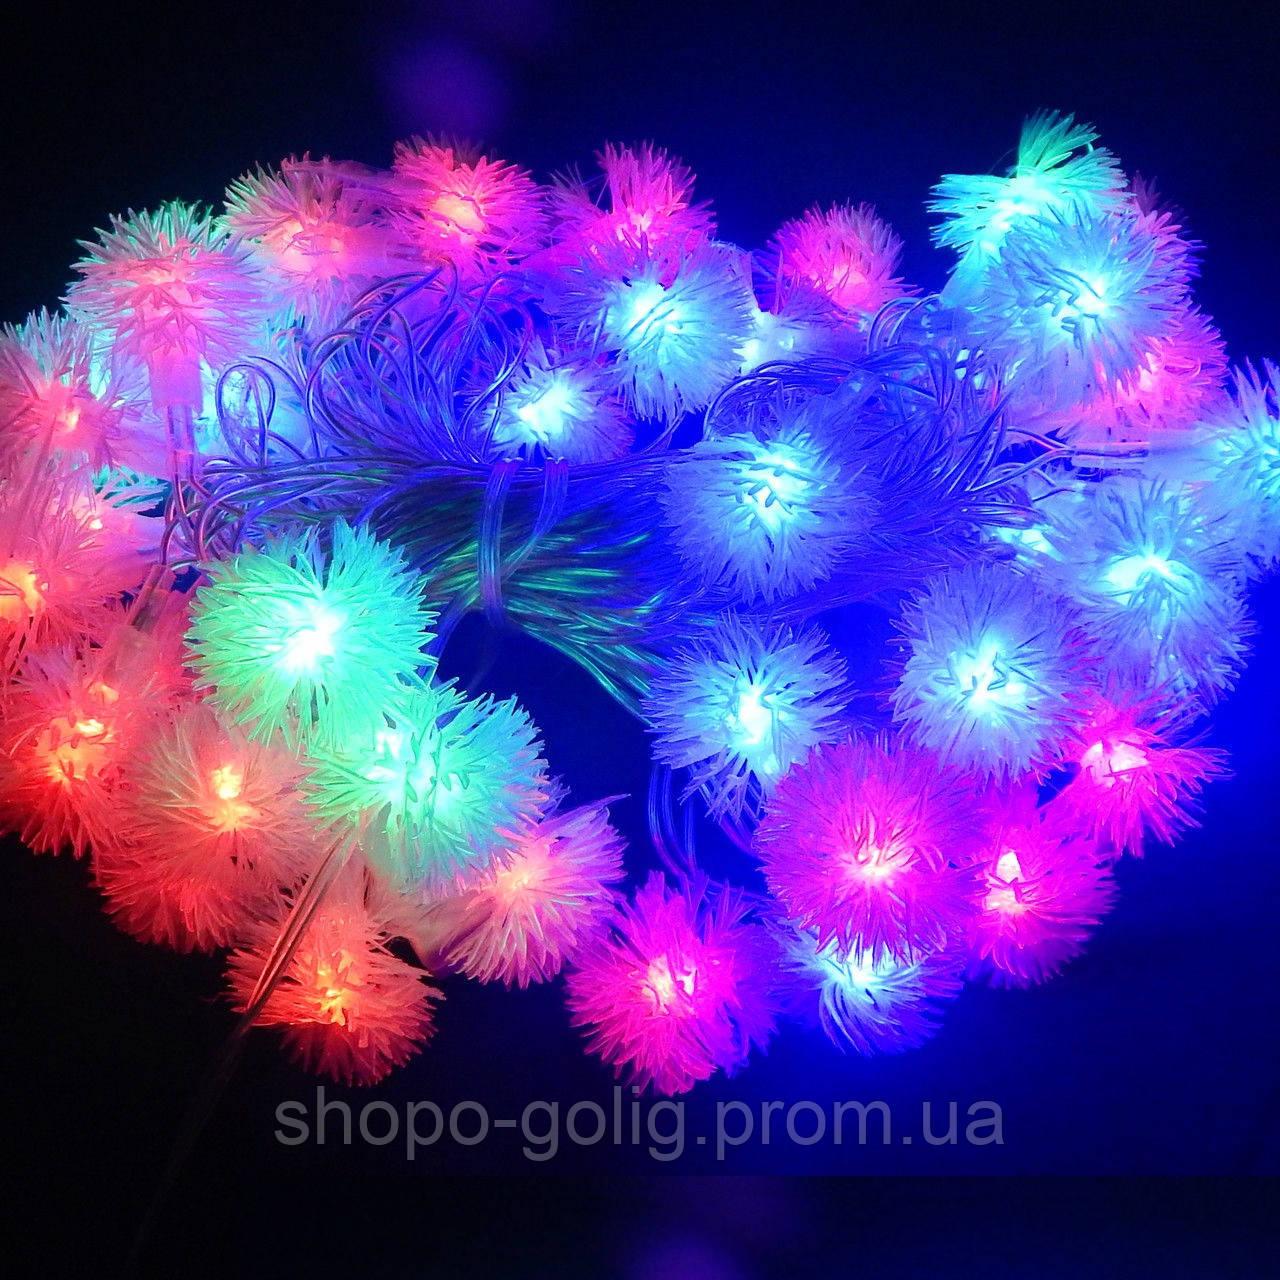 Гирлянда Электрическая Ёжик LED 40 мульти (длина 5м)